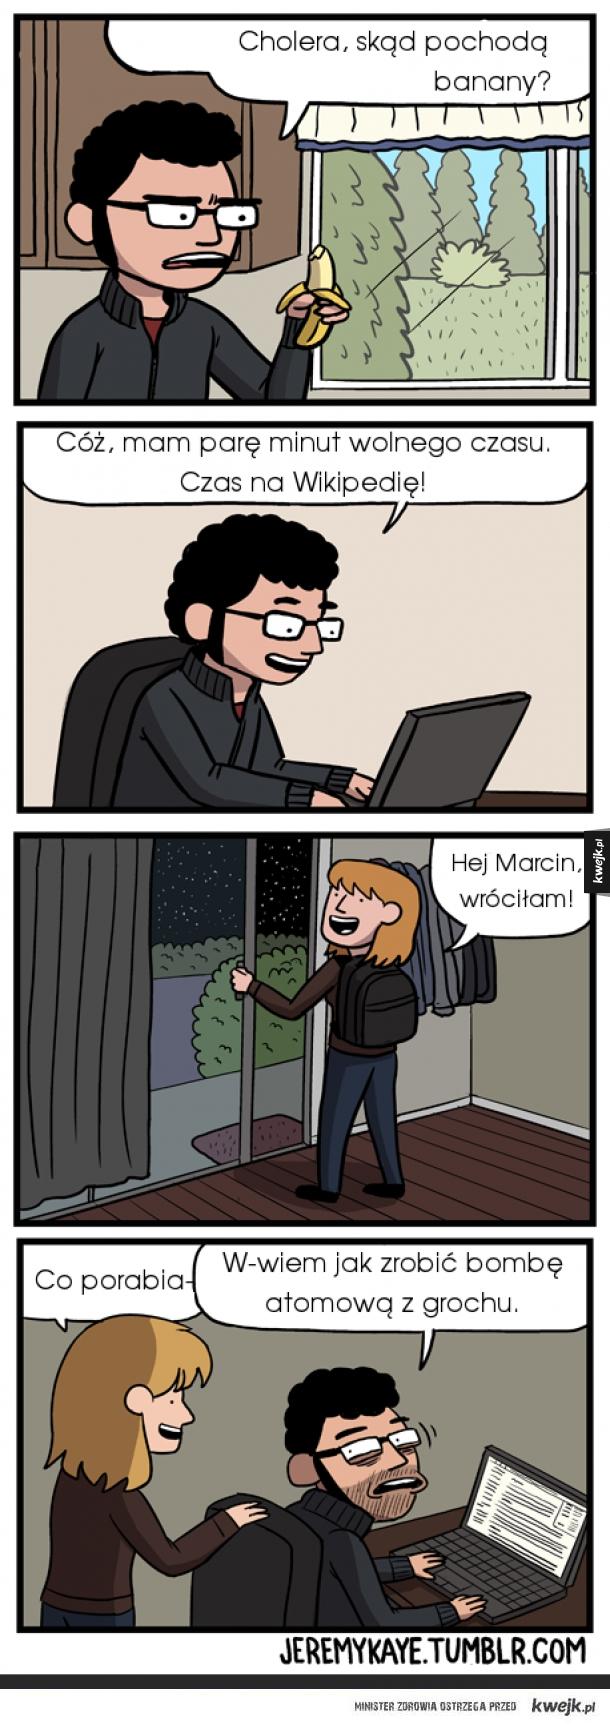 Kiedy chcesz się czegoś dowiedzieć z internetu